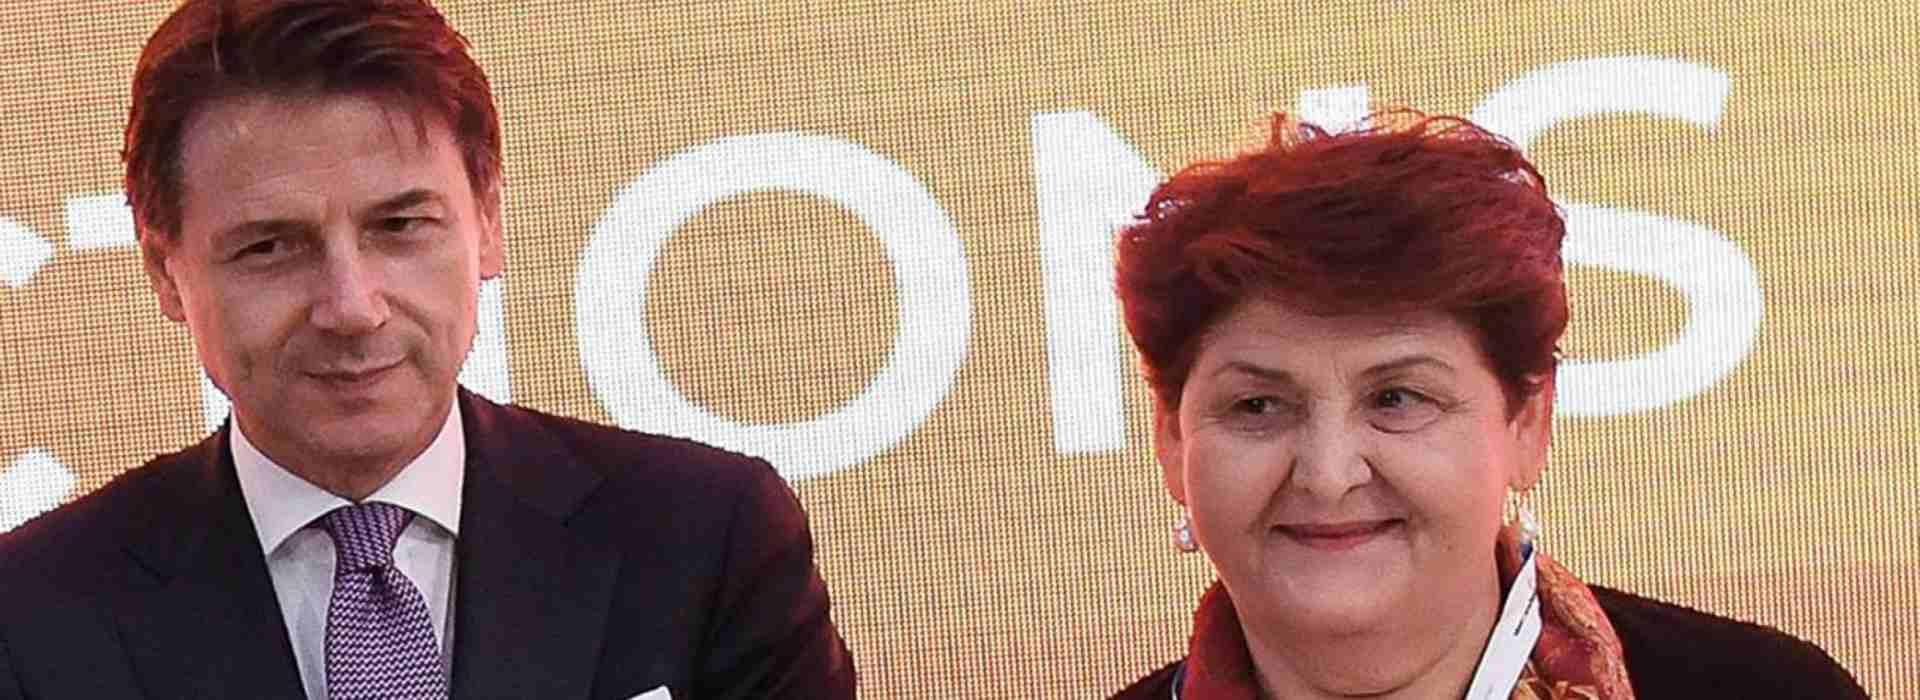 Conte molla la Task force sul Recovery dopo le richieste di Iv. E pensa a un governo con Renzi